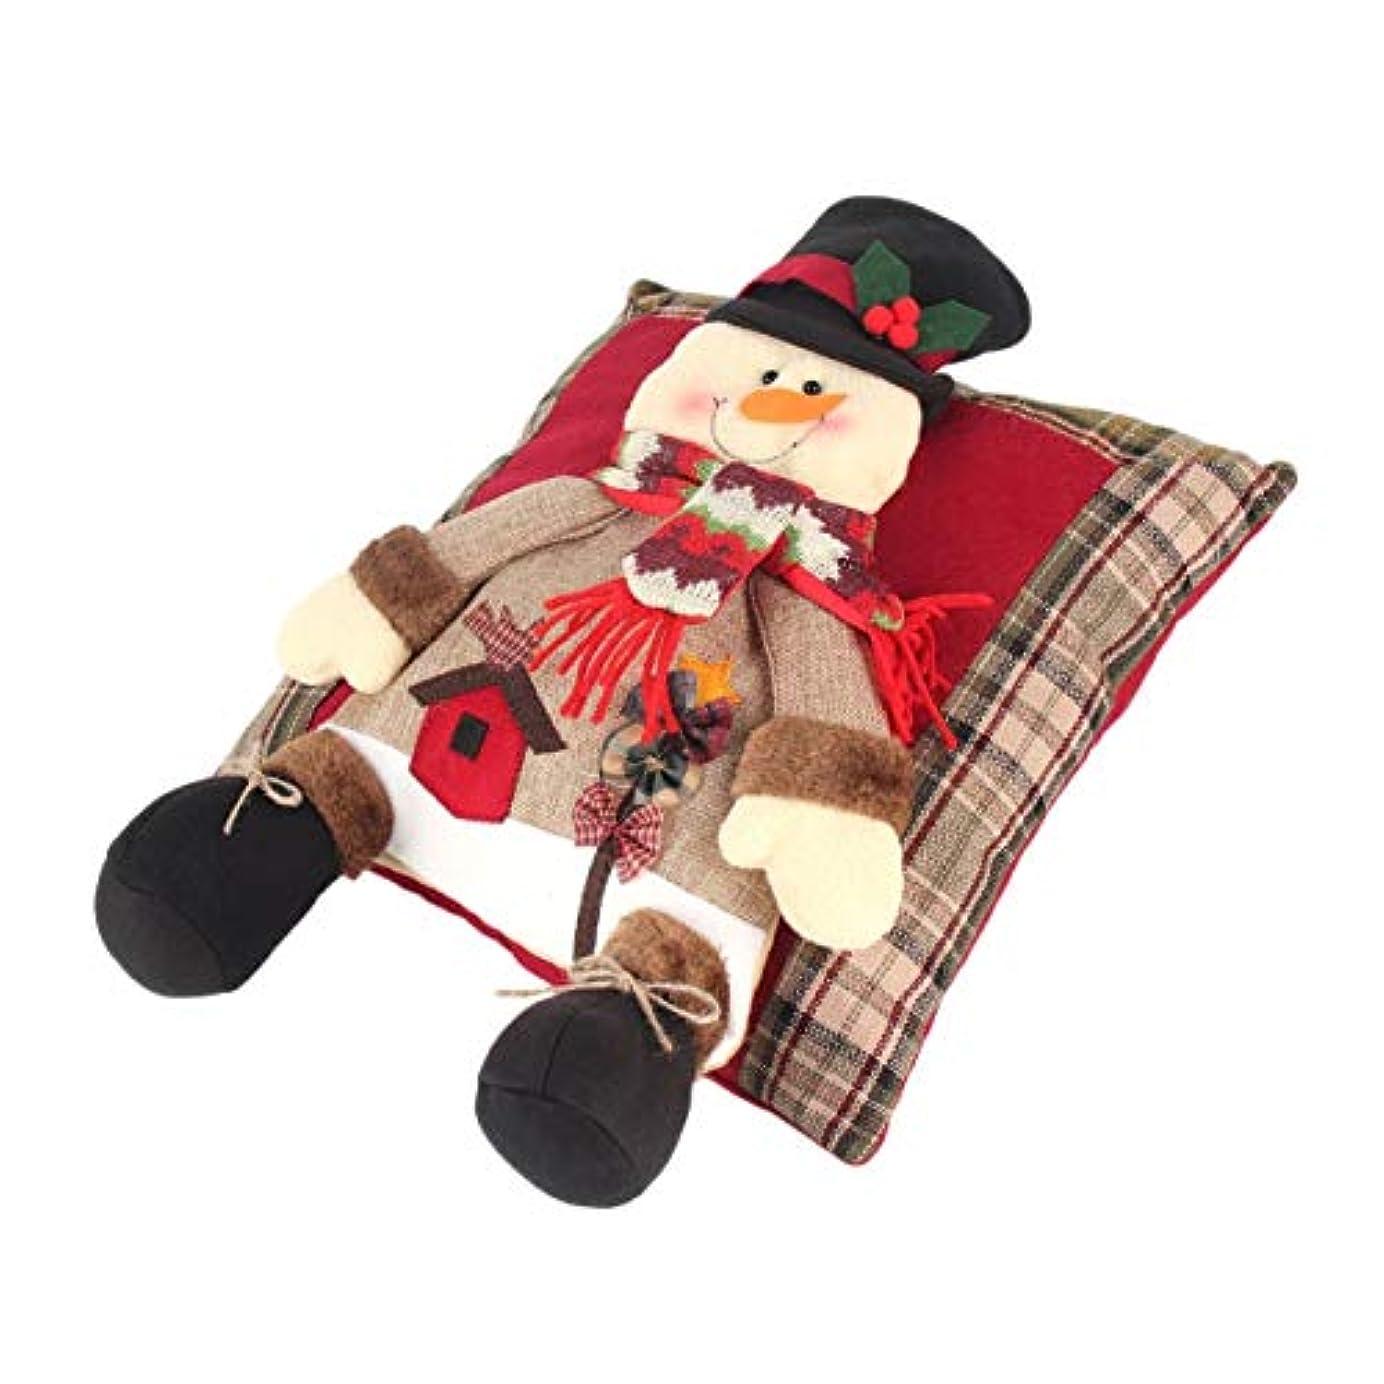 クリーム抵抗力がある明らかにするSaikogoods 快適なクリスマスリネン枕フェスティバルソフトクッションホームベッドルームリビングルームのソファの装飾パーフェクトなギフト 多色